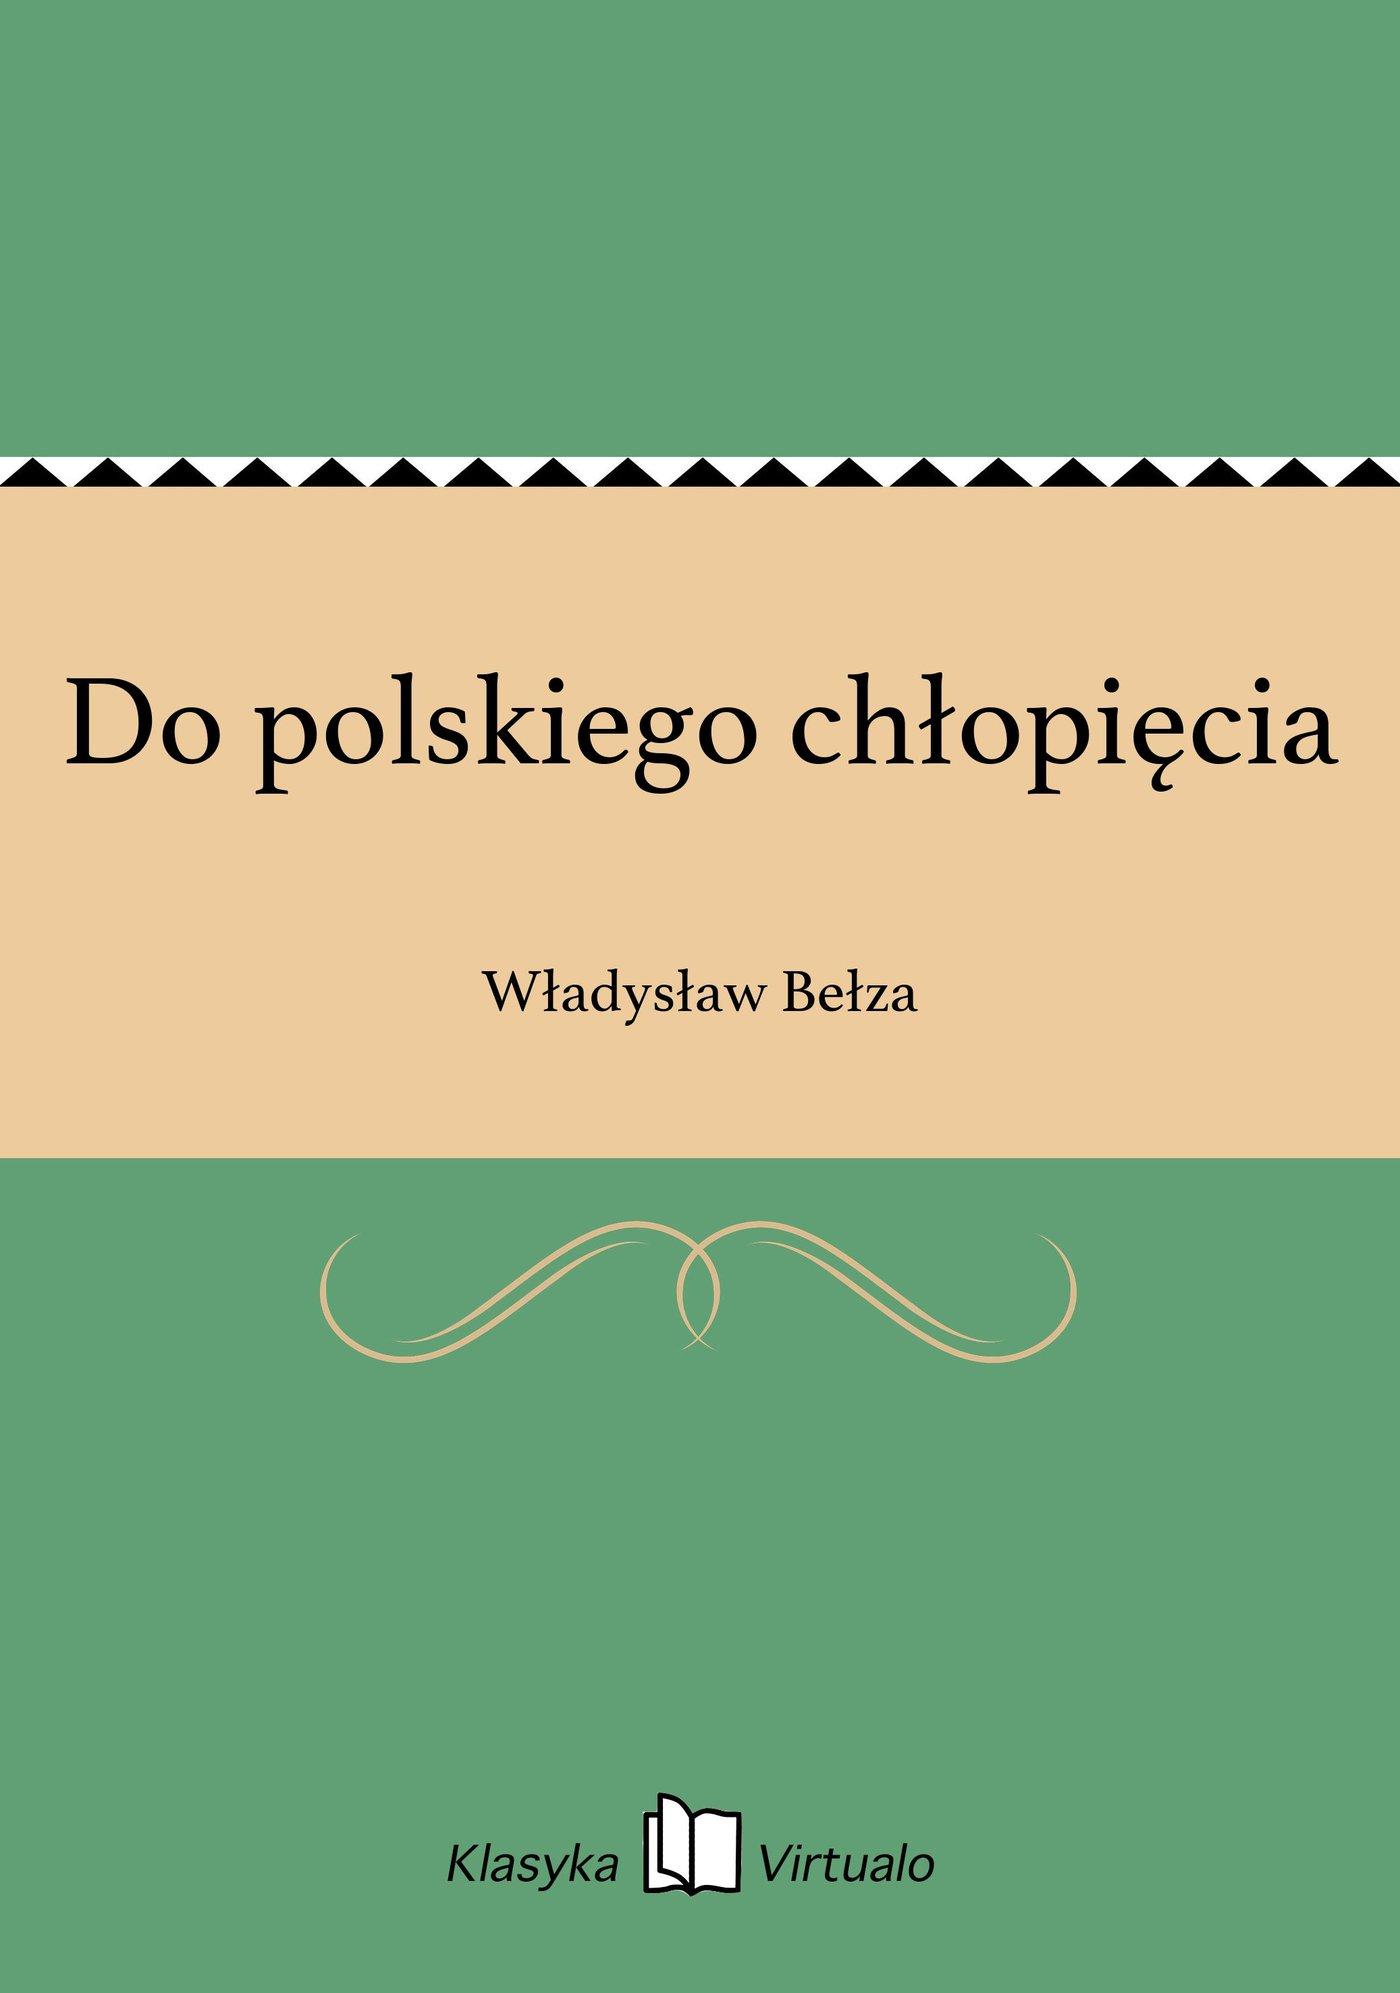 Do polskiego chłopięcia - Ebook (Książka EPUB) do pobrania w formacie EPUB